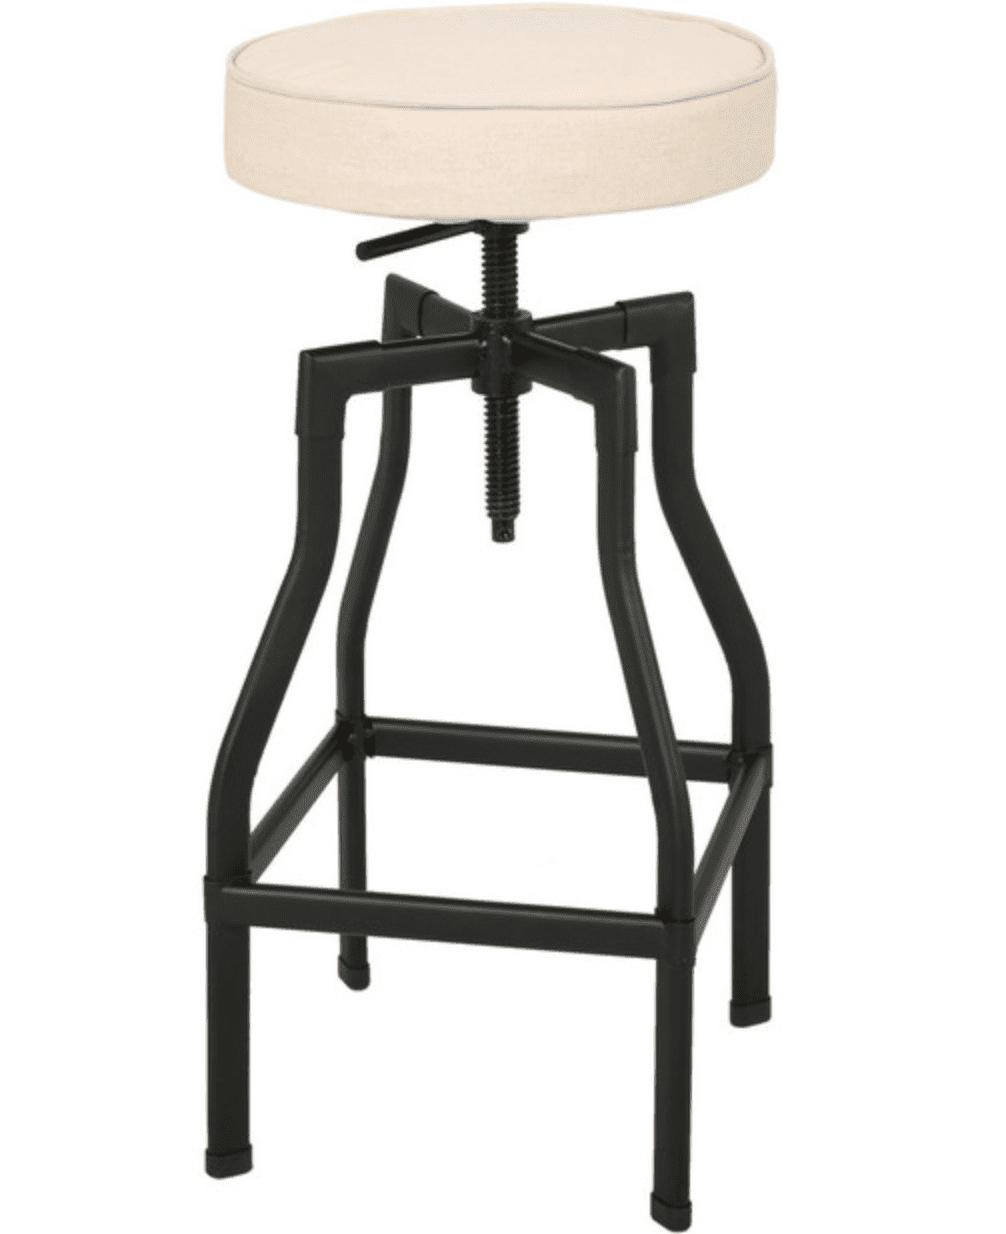 GDF Studio Marina Adjustable Fabric Barstool